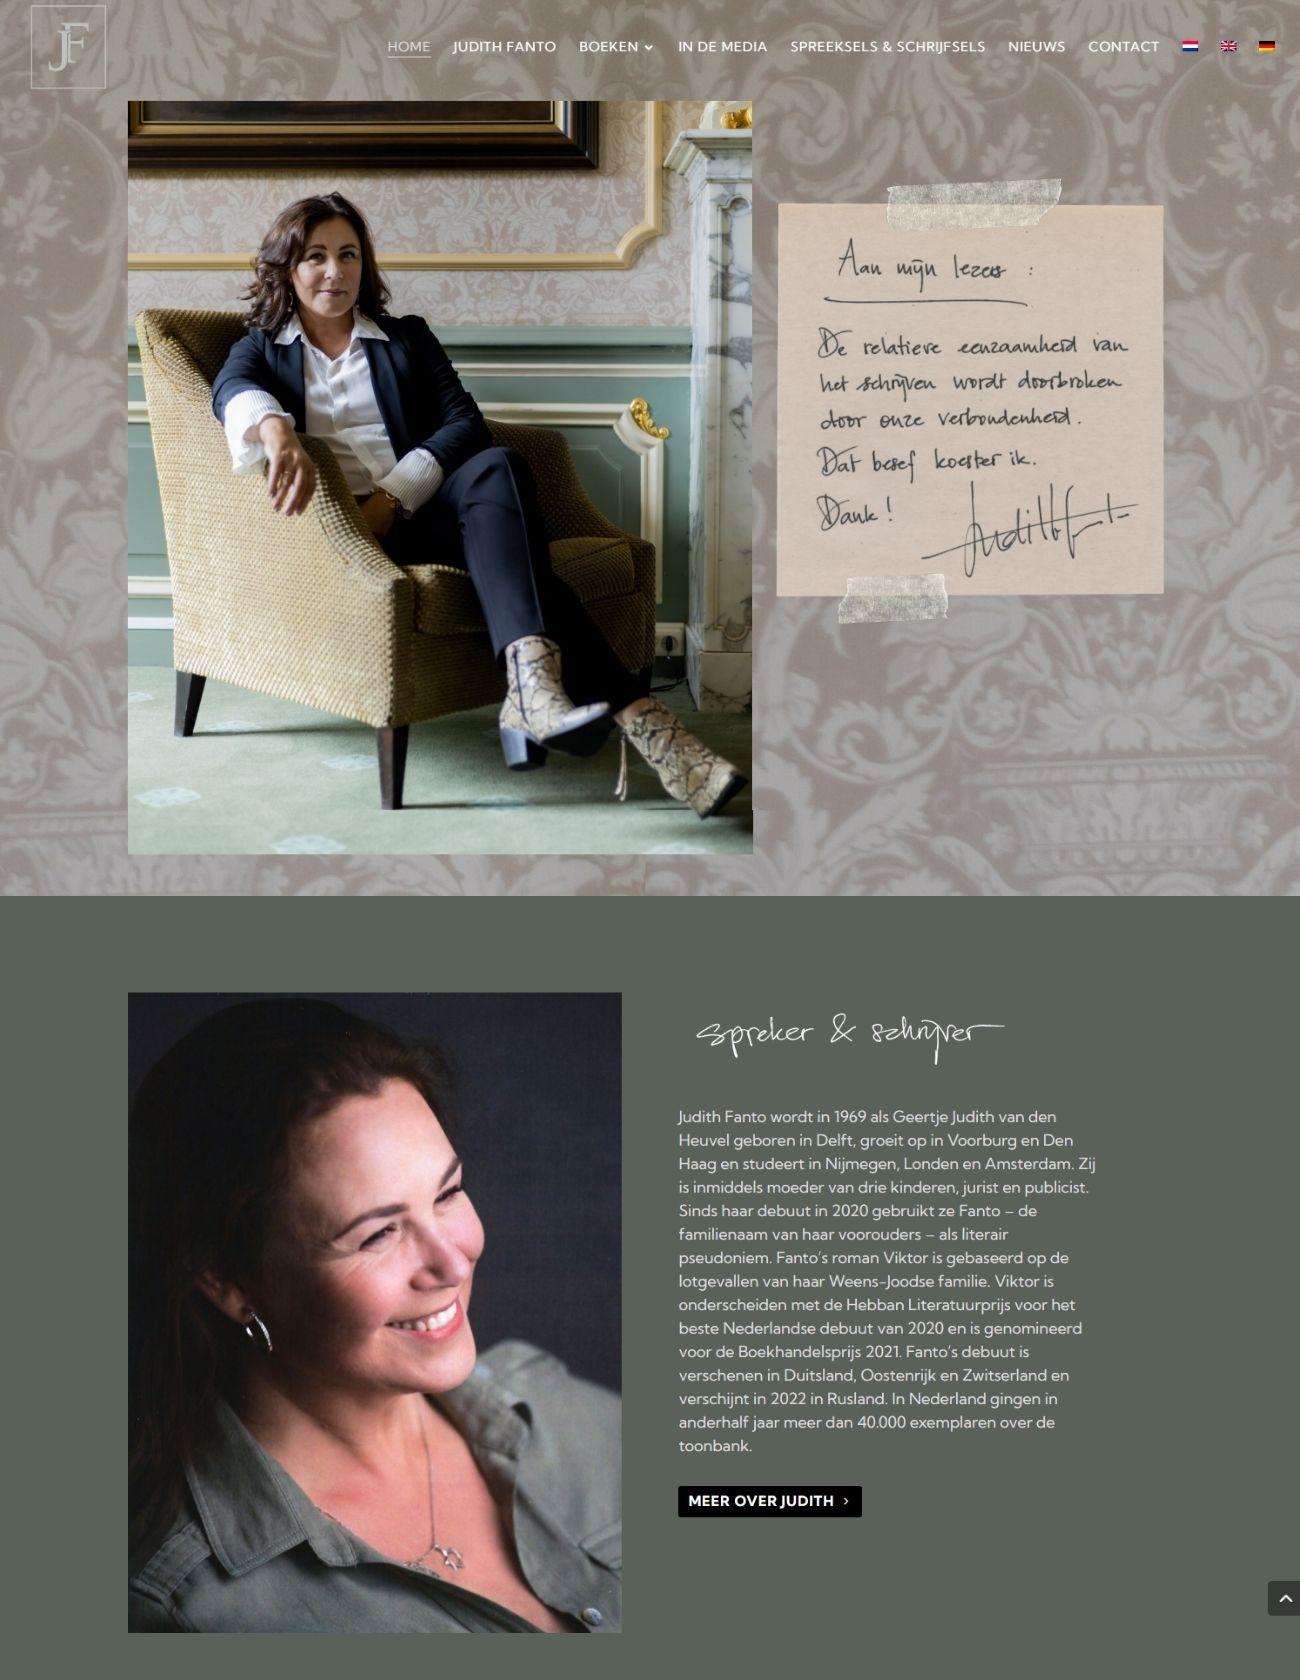 Nieuwe homepage website Judith Fanto